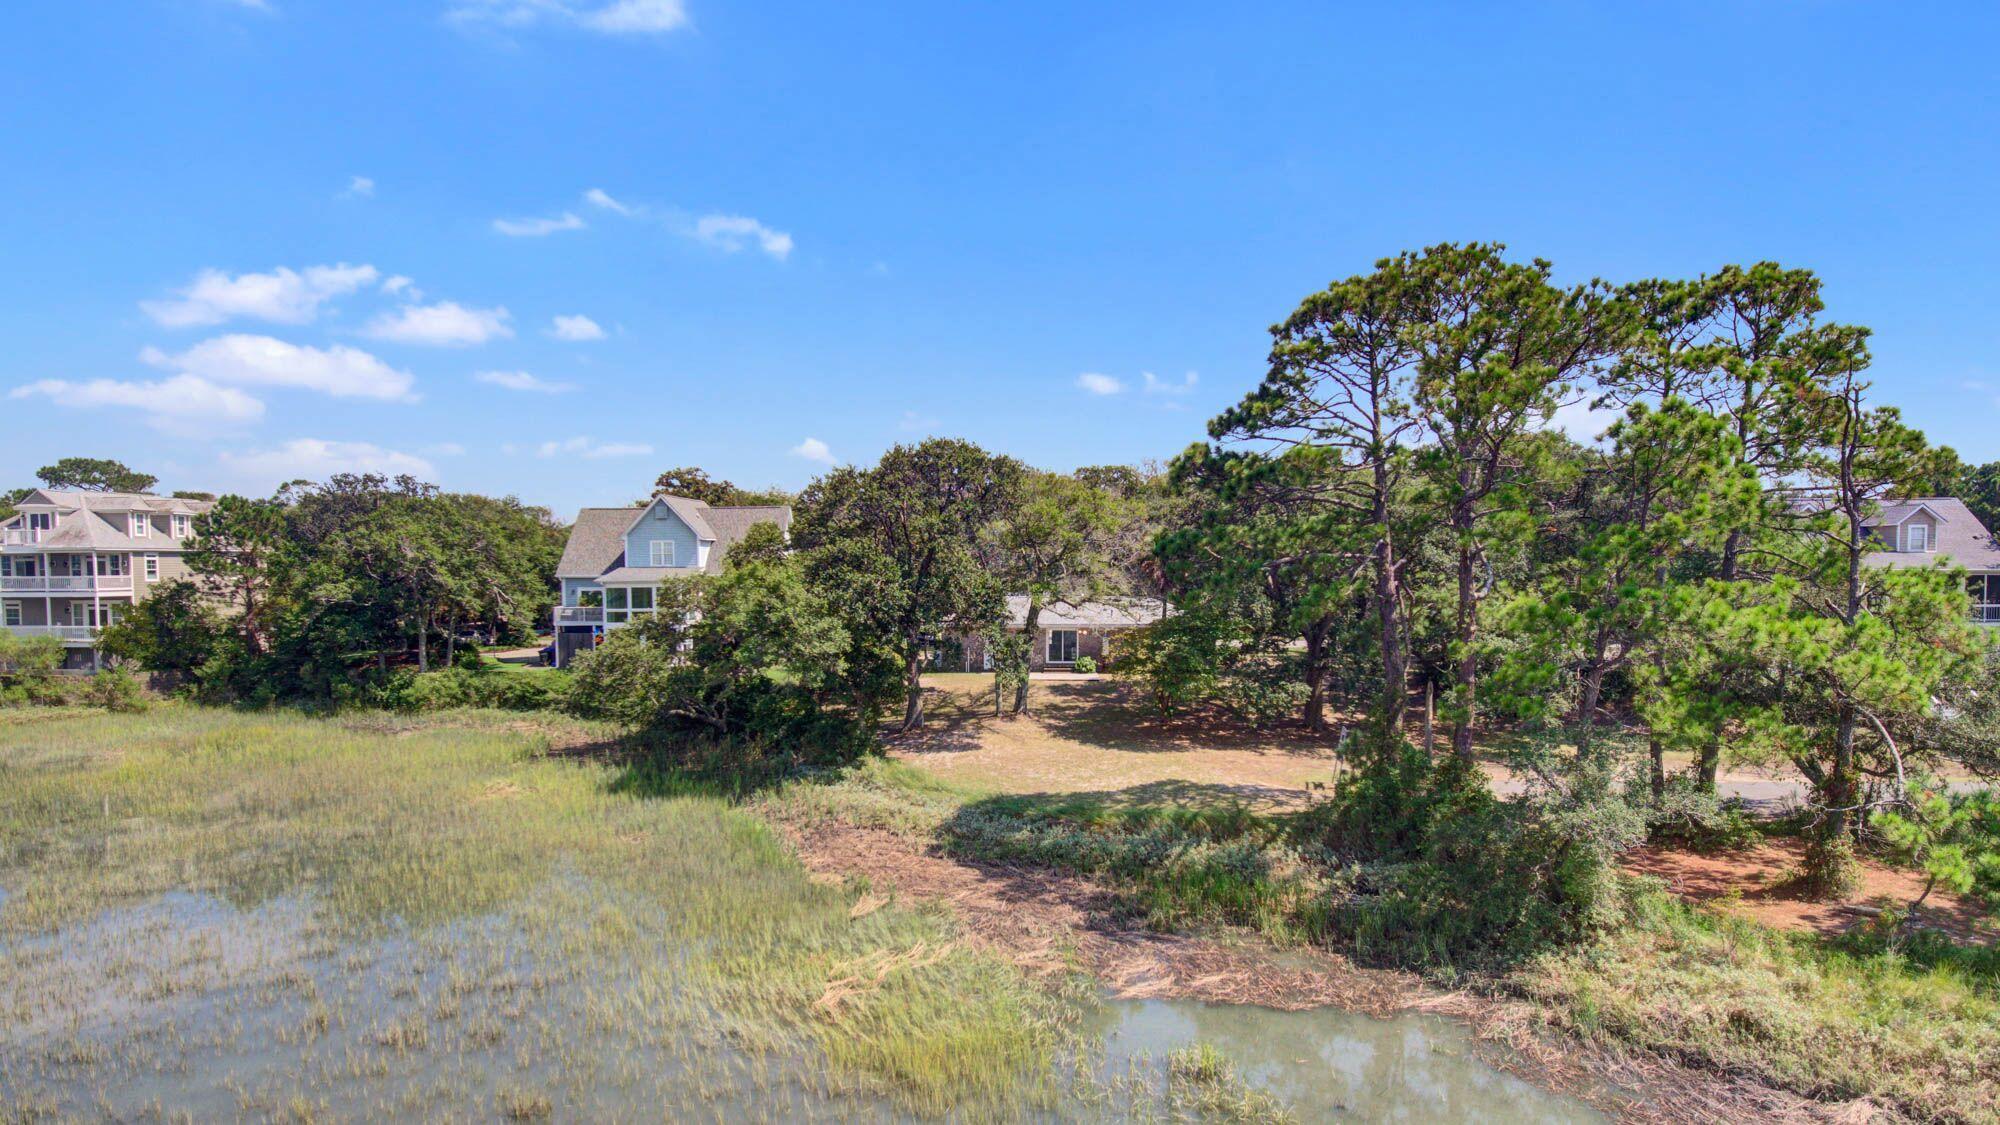 Folly Beach Homes For Sale - 610 Erie, Folly Beach, SC - 24